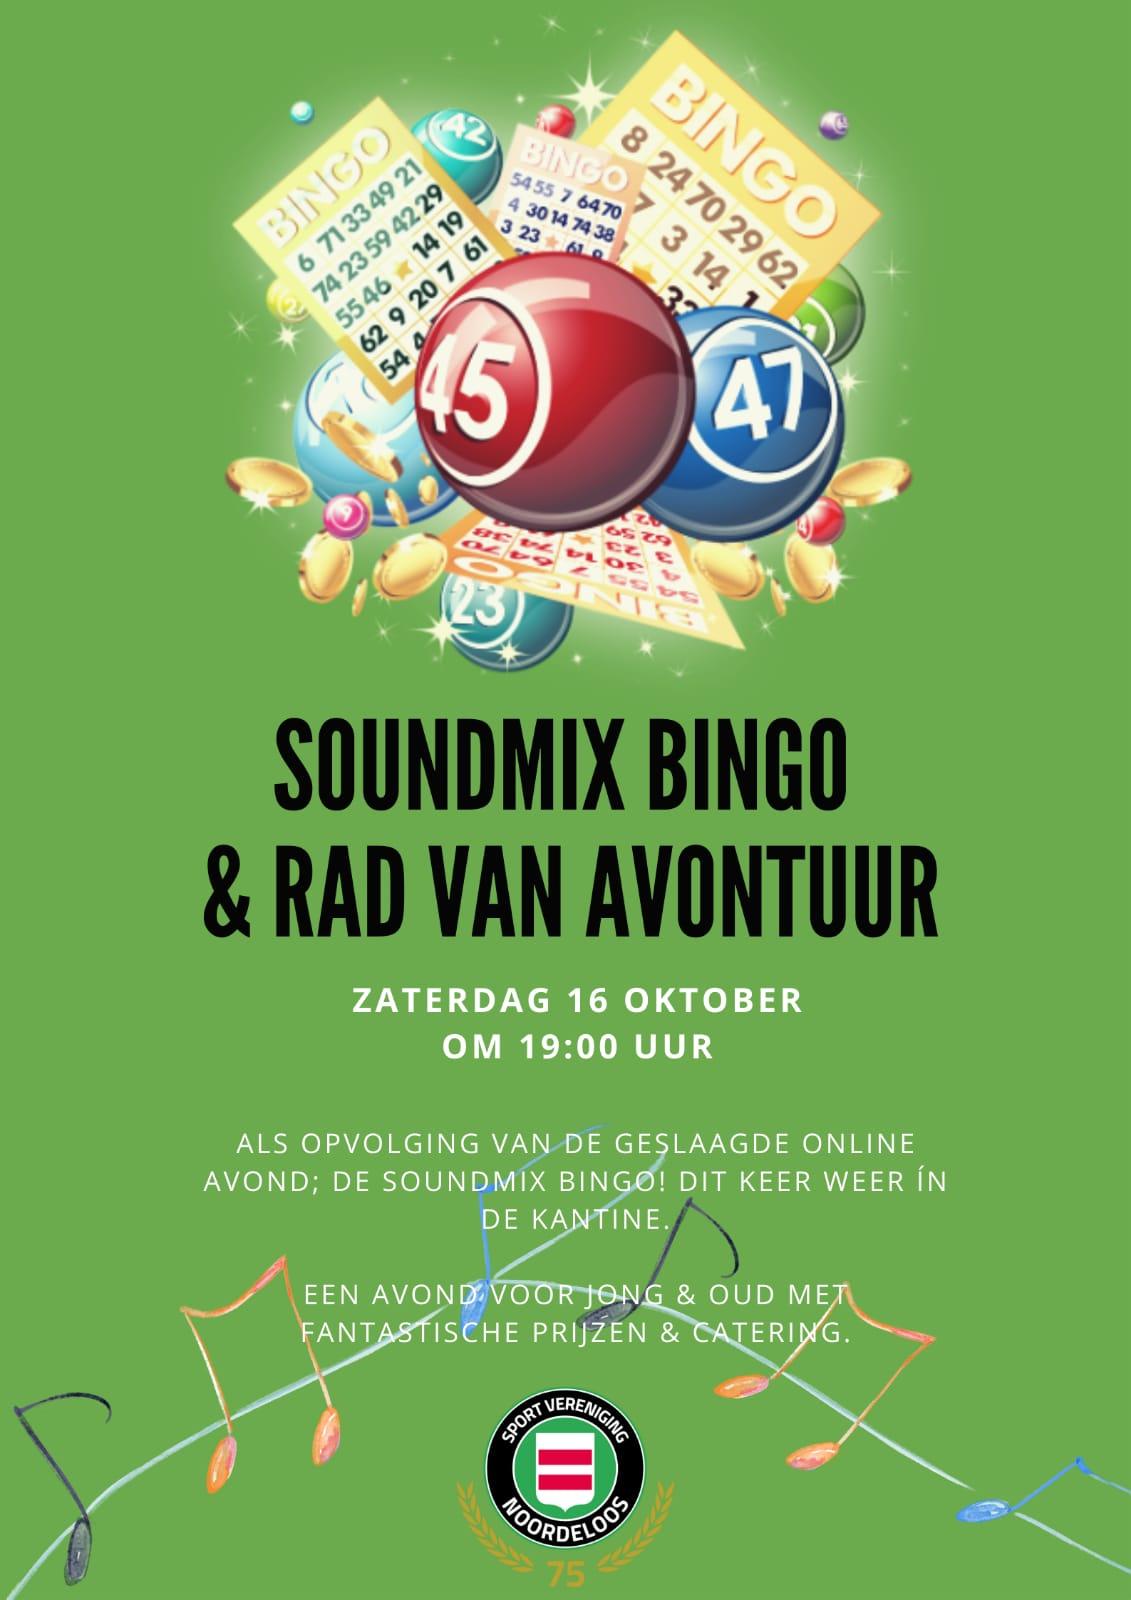 Soundmix Bingo